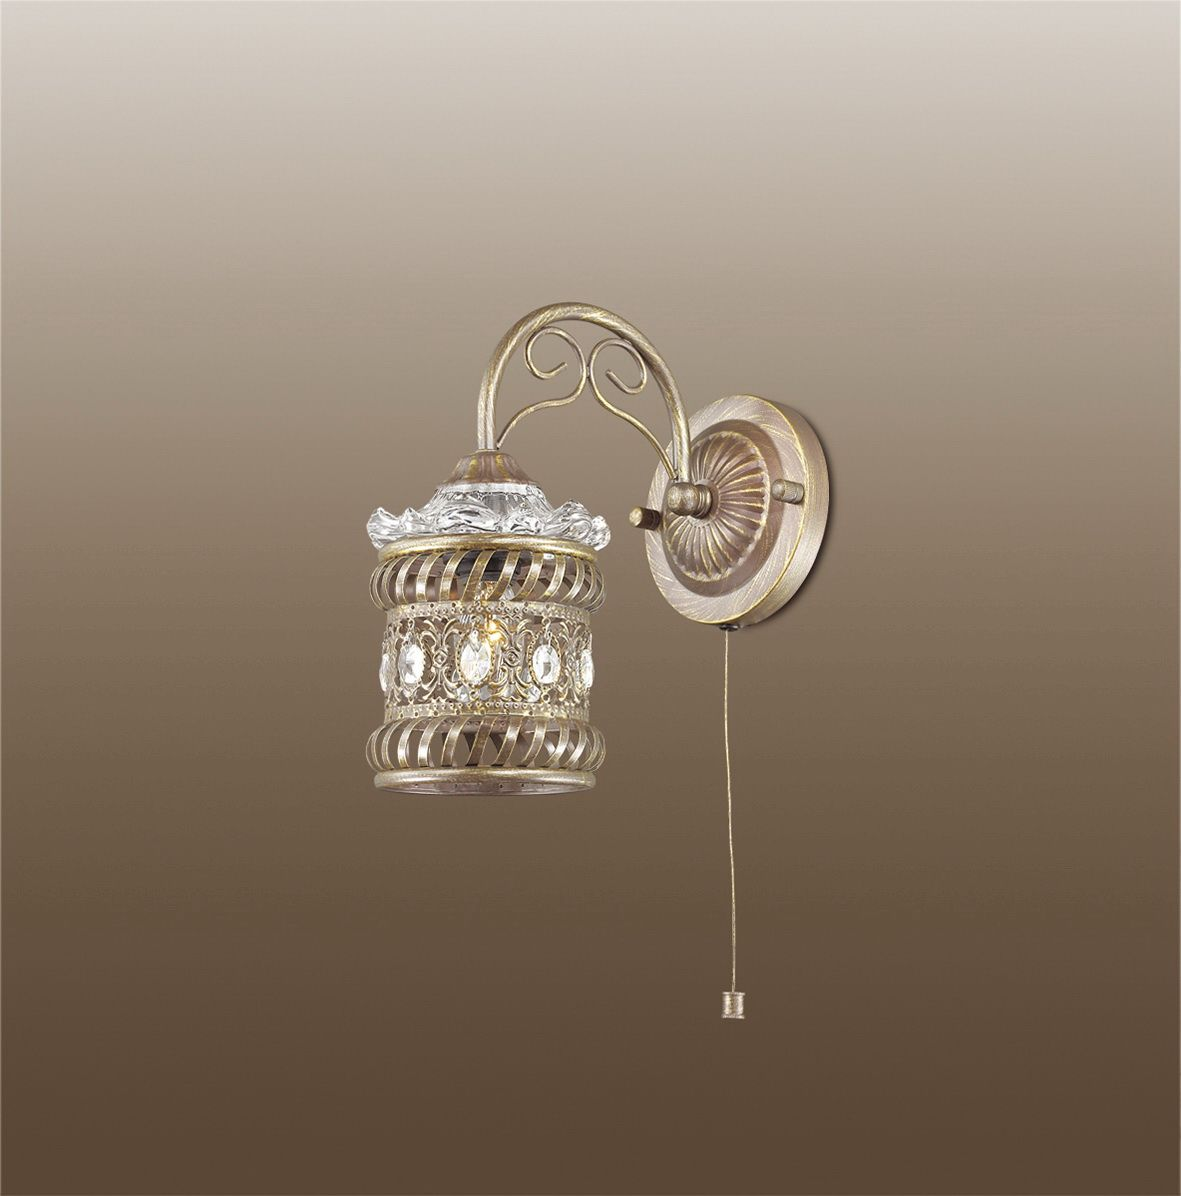 Бра Odeon Light Zafran, 1 х E14, 40W. 2838/1W2838/1W